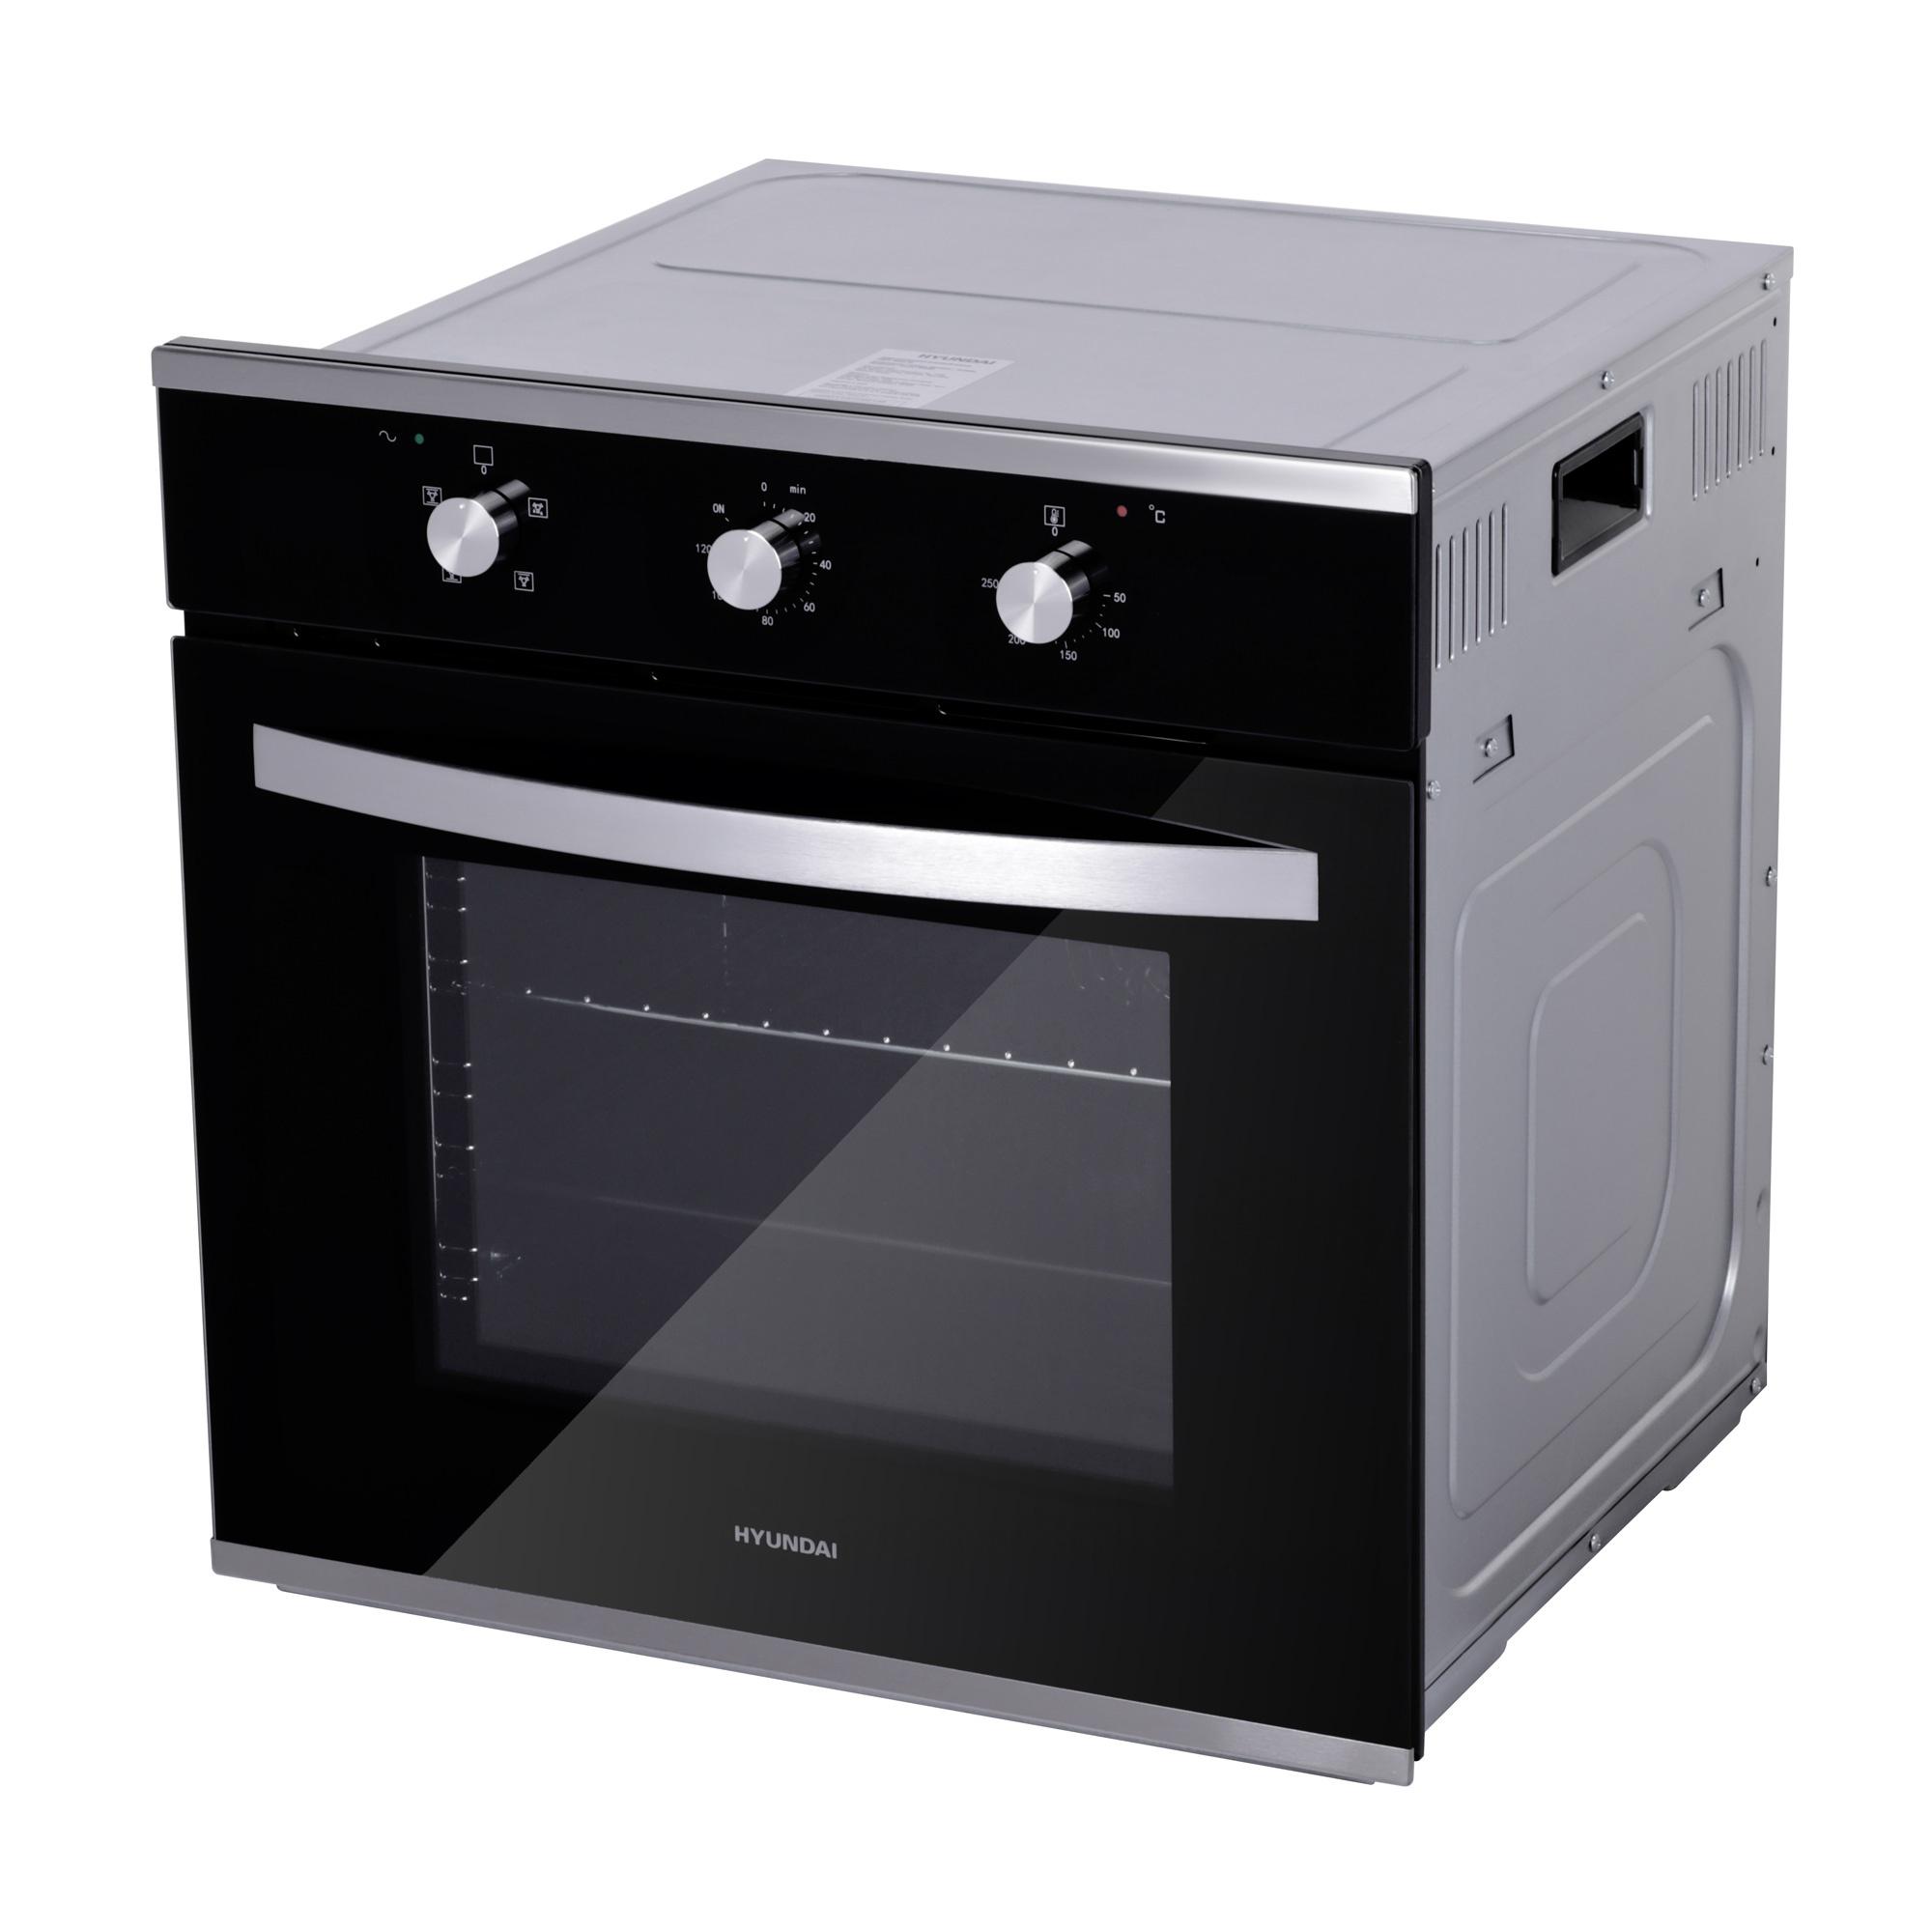 Духовой шкаф Электрический Hyundai HEO 6633 IX серебристый/черный